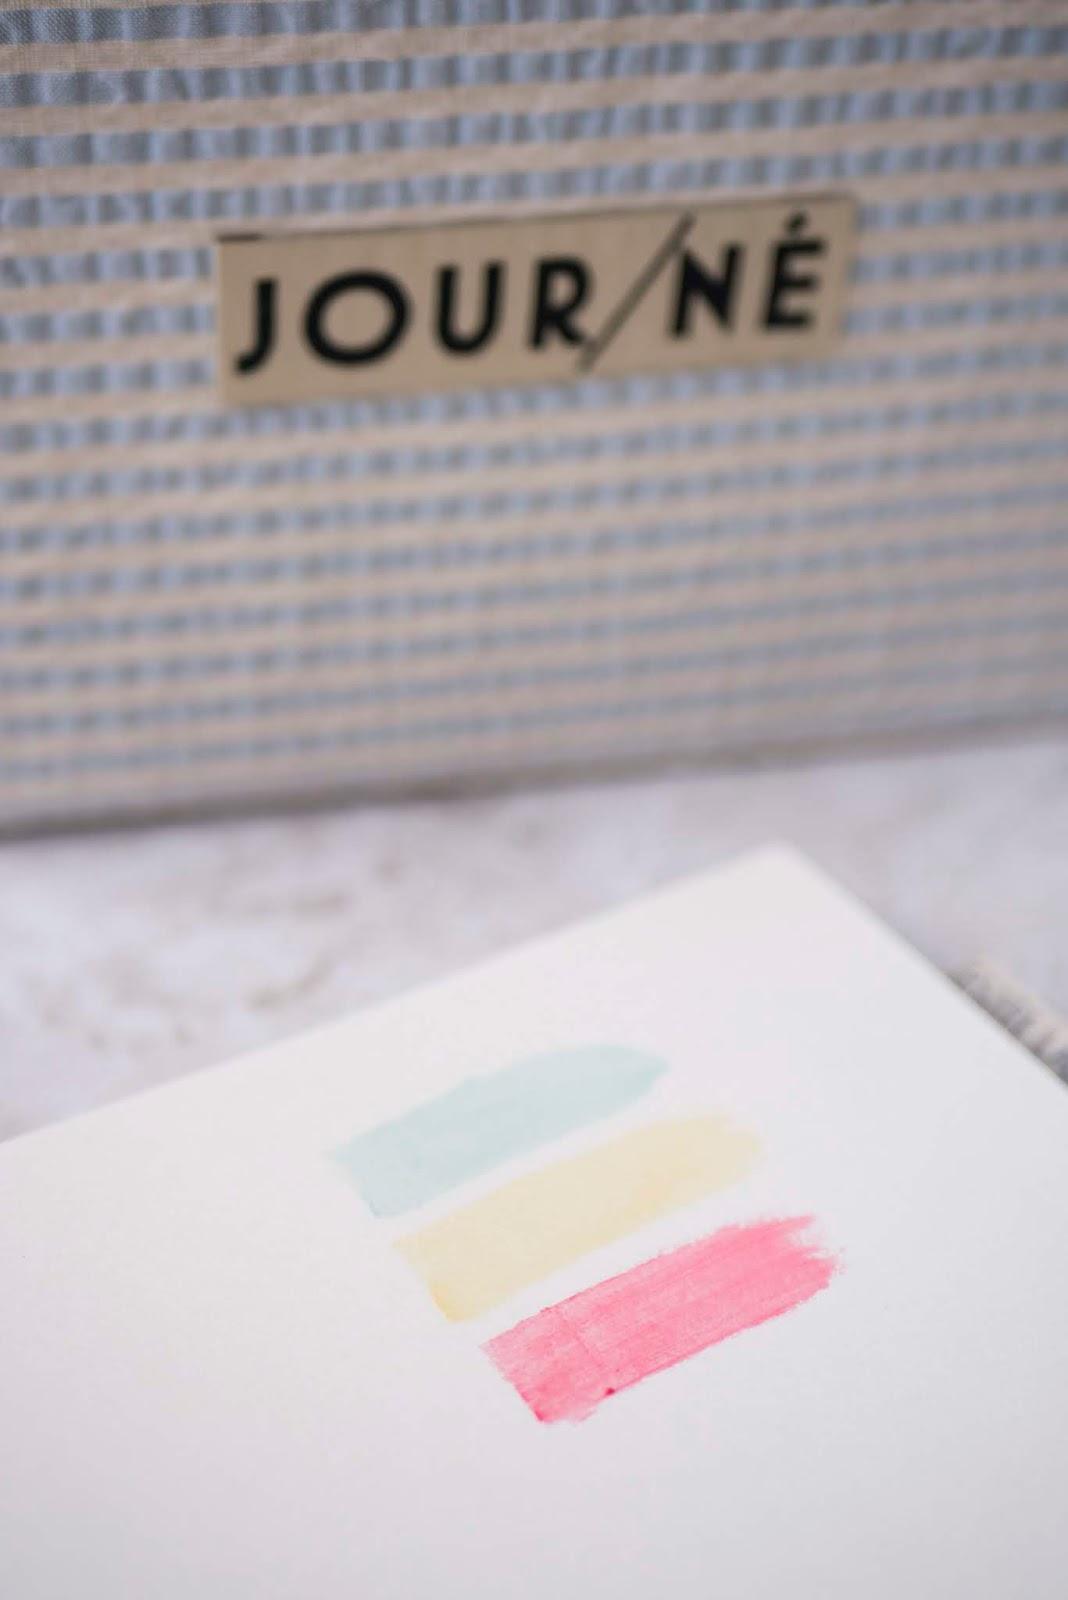 Collection Estée Lauder x JOUR/NE